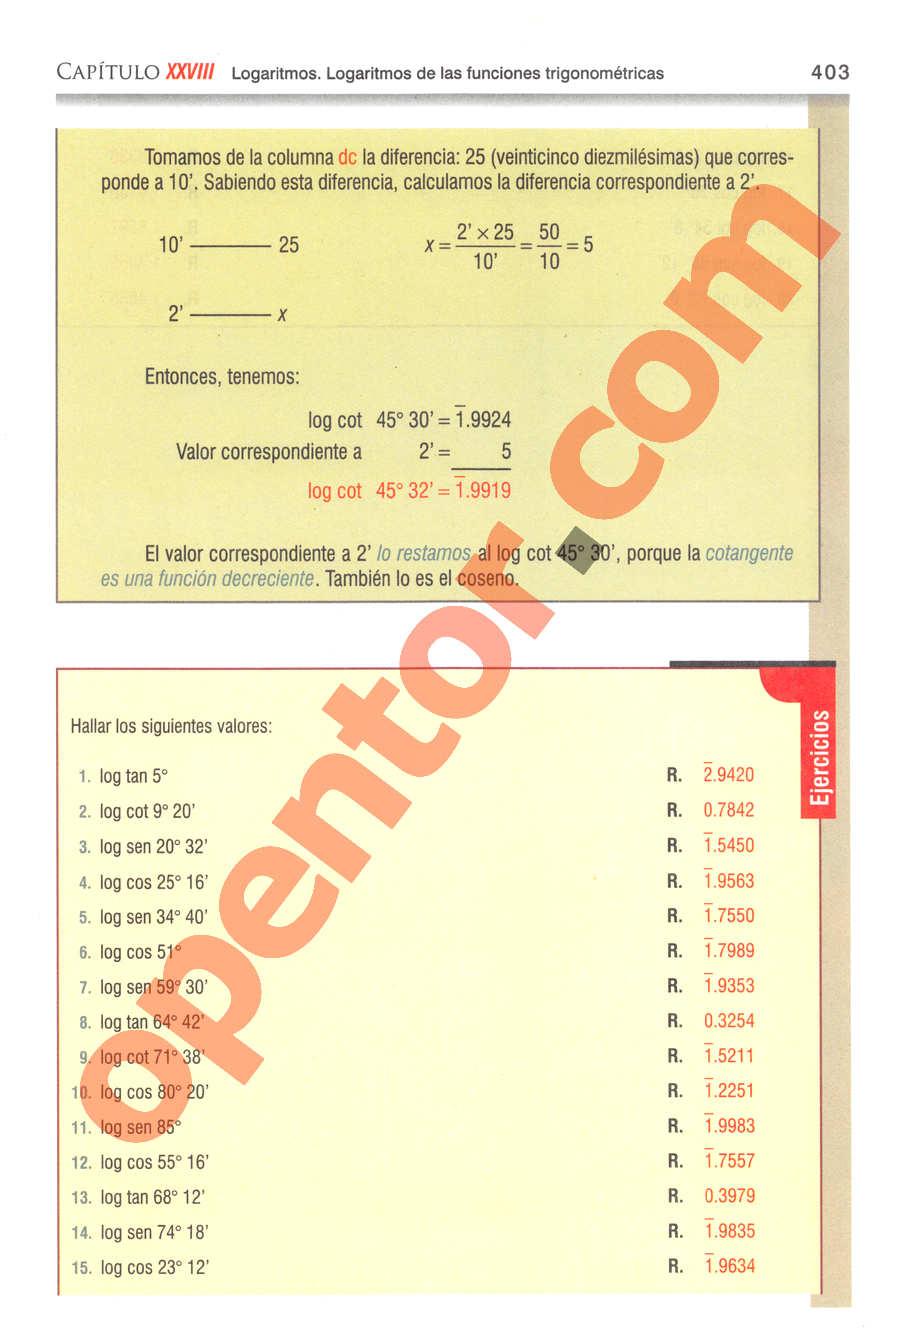 Geometría y Trigonometría de Baldor - Página 403